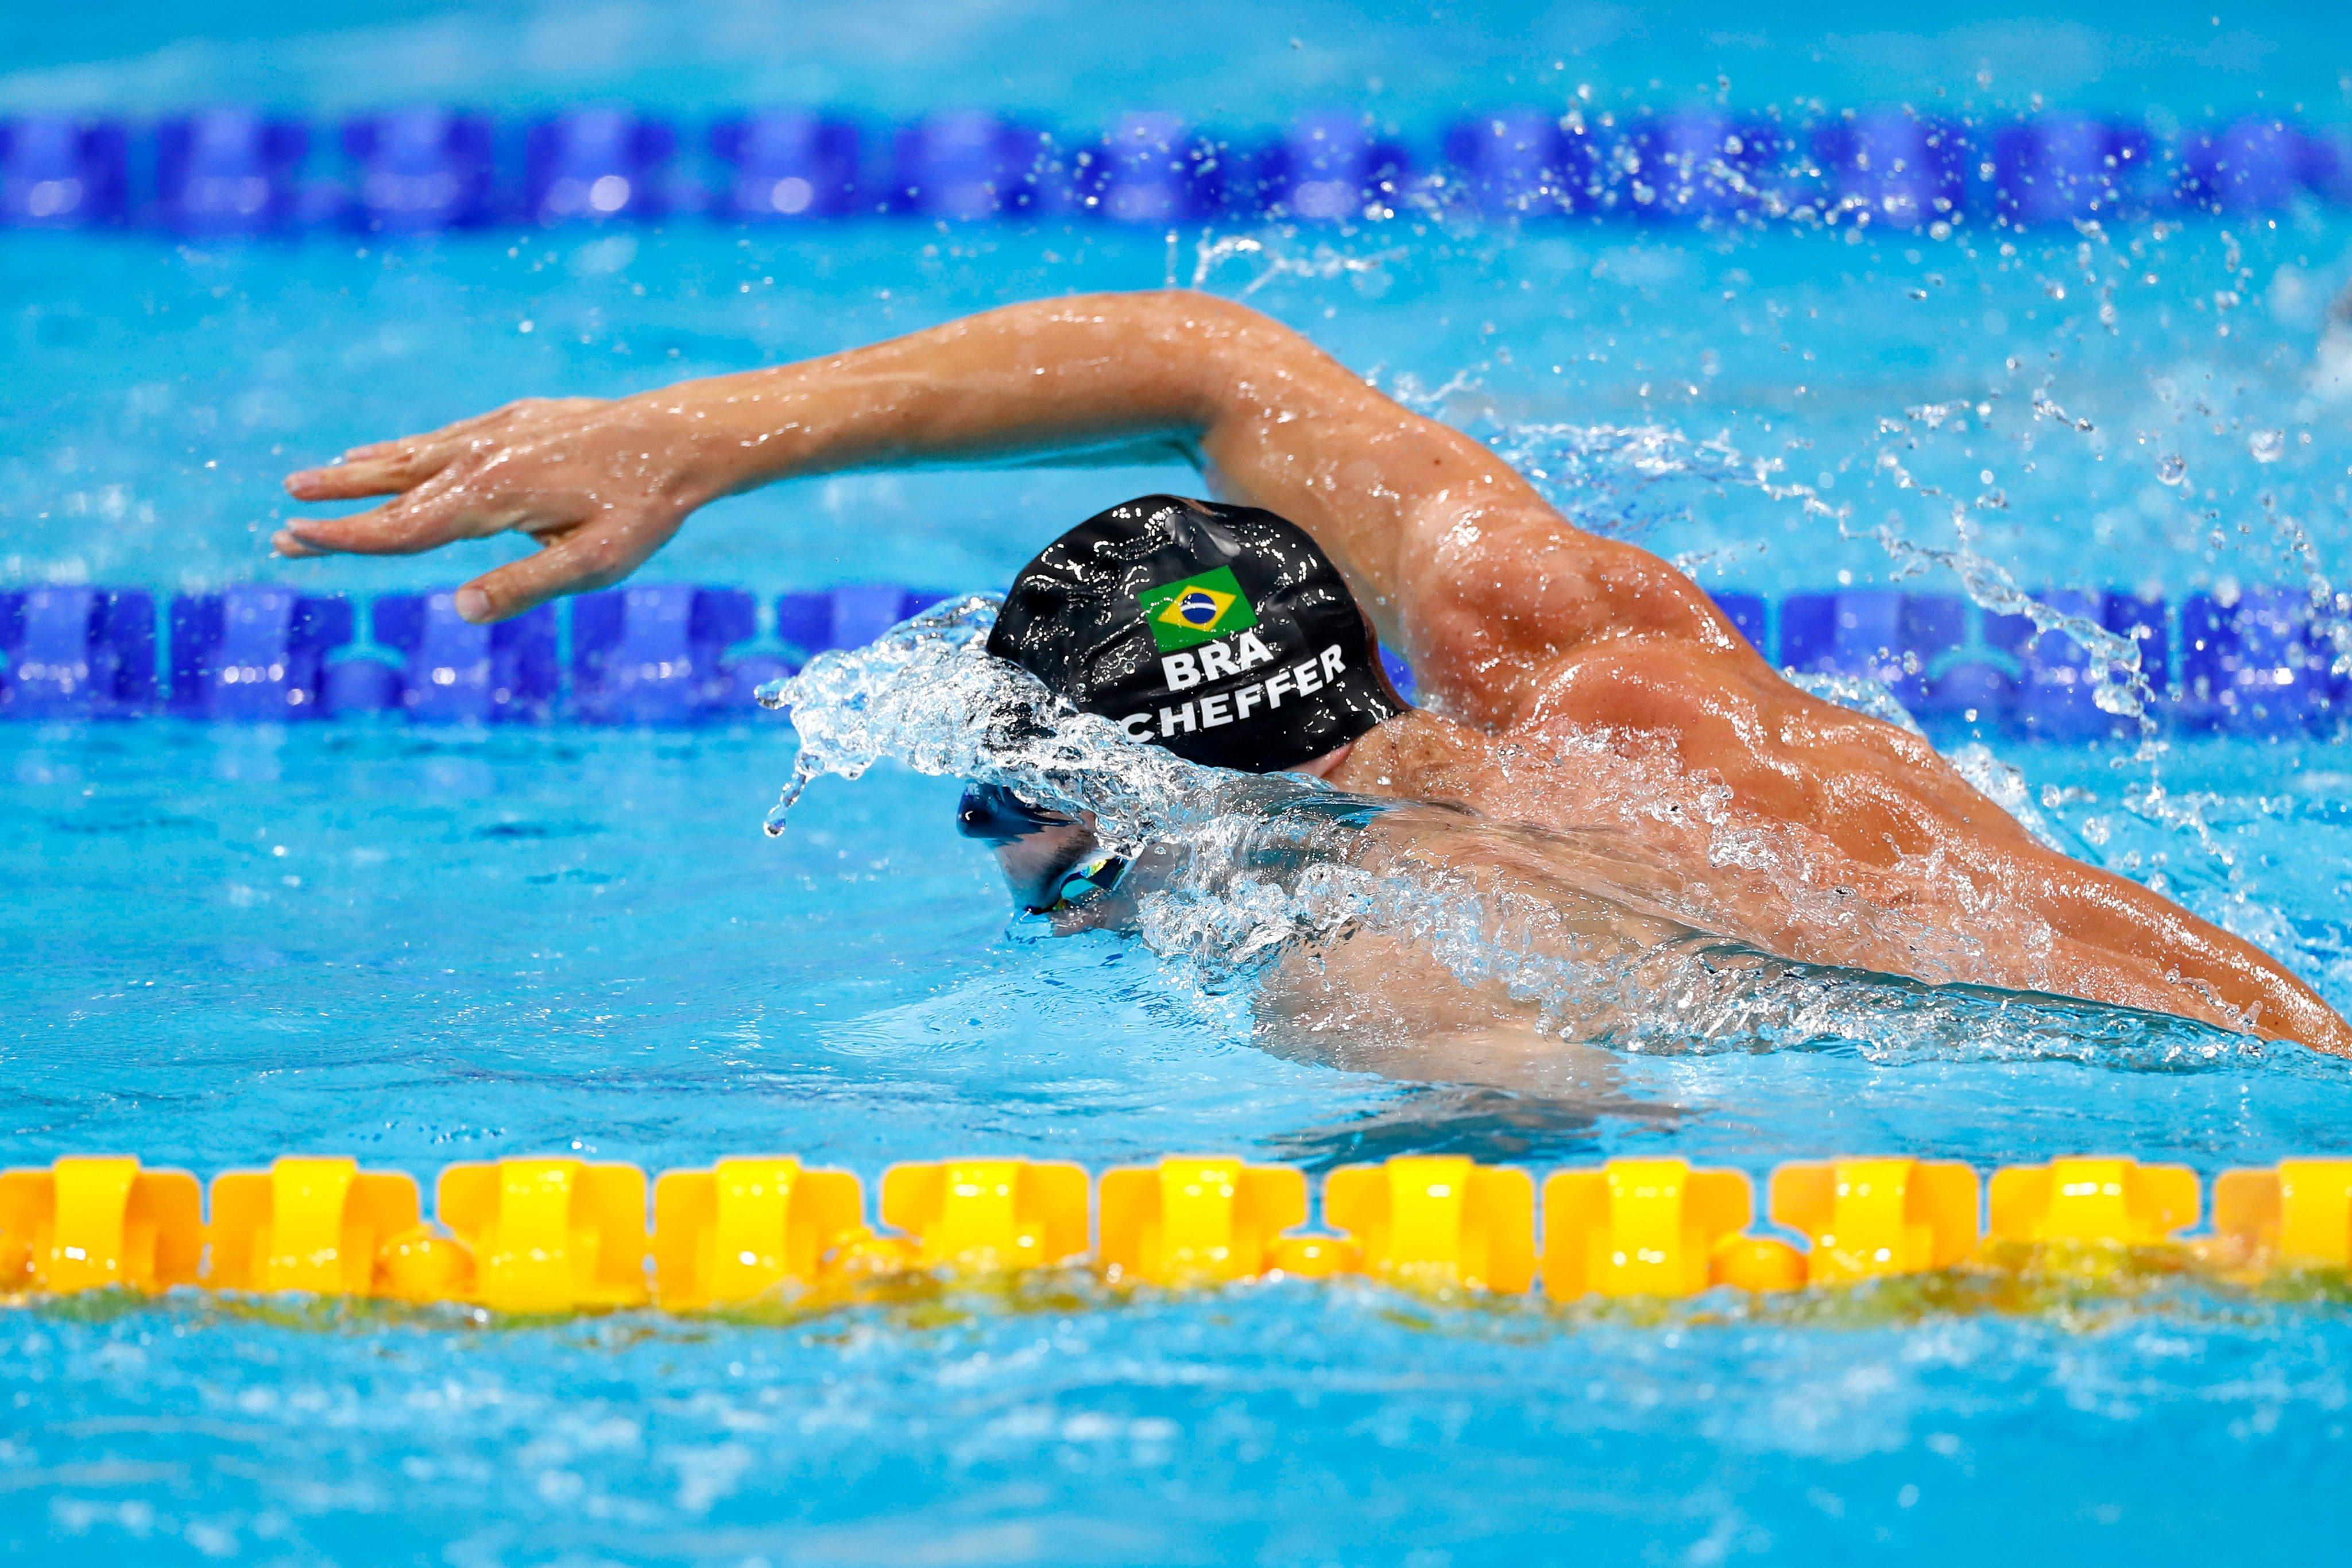 Cachorrão bate recorde continental e é finalista com 5º tempo;  4x200m também avança Jogos Olímpicos de Tóquio 2020